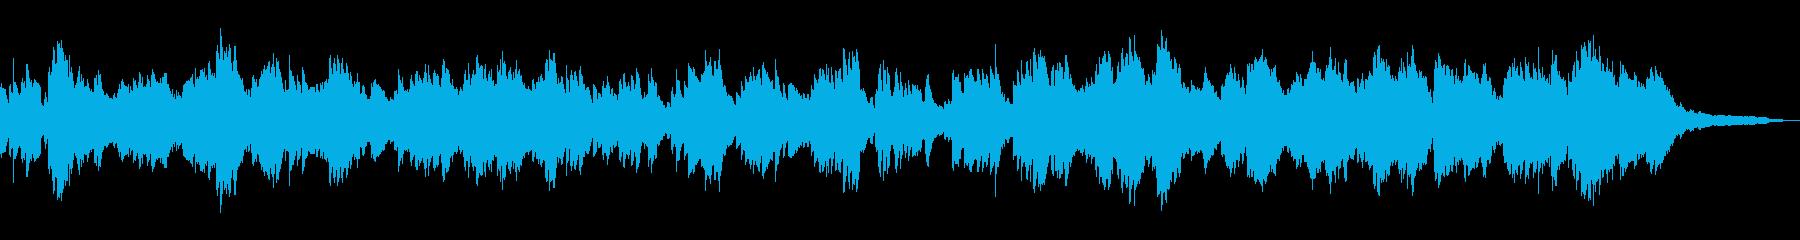 爽やかな風のようなピアノソロ_60秒広告の再生済みの波形